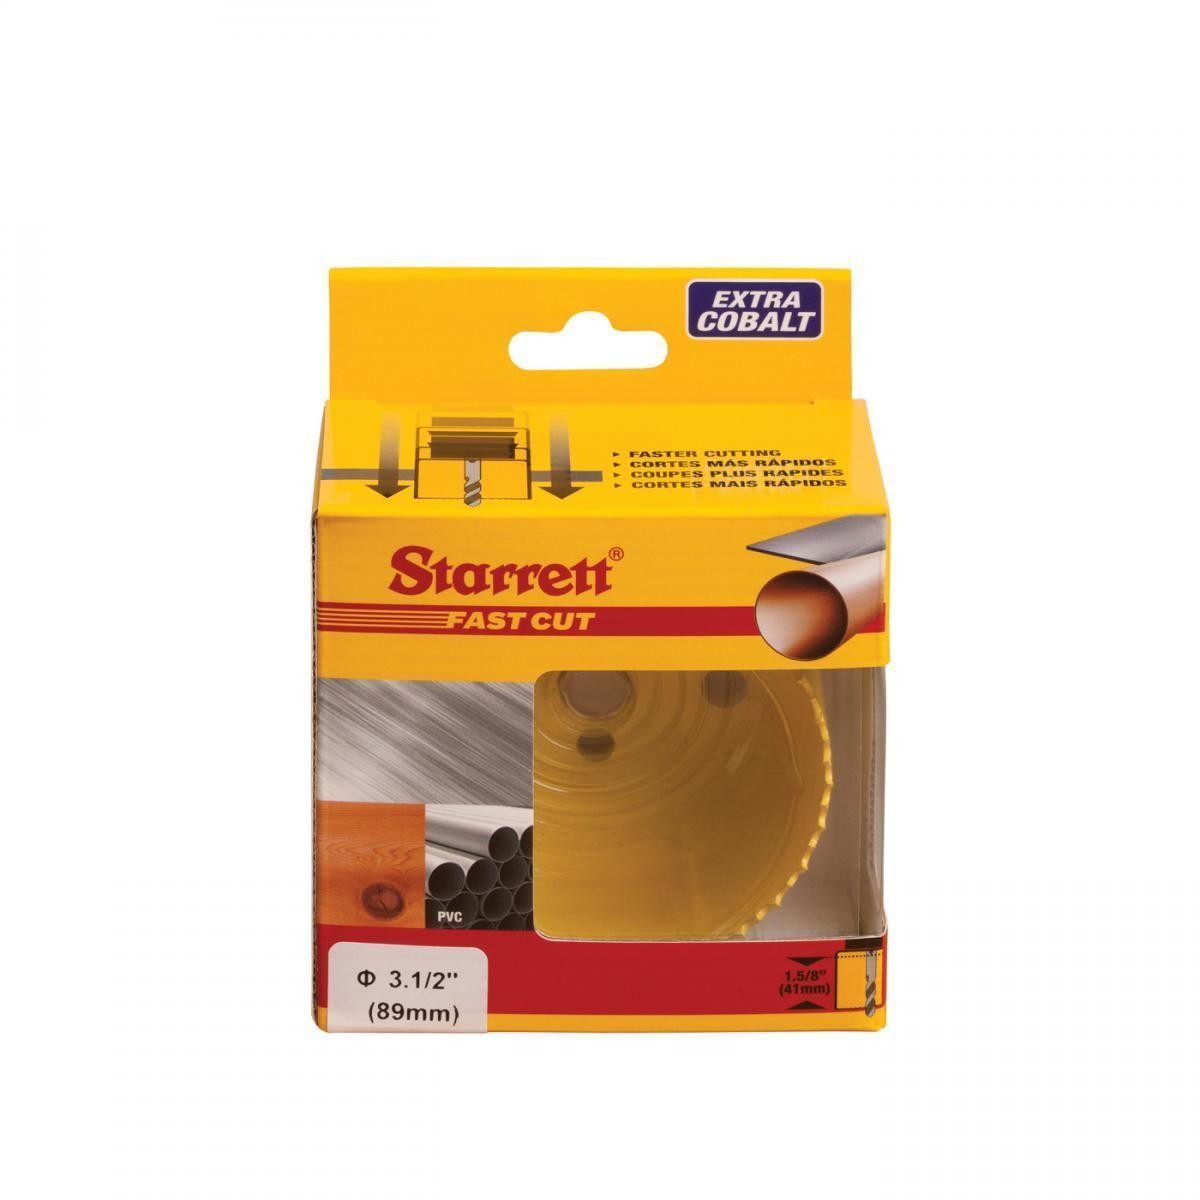 Serra Copo Fast Cut 3.1/2'' (89mm) - FCH0312-G – Starrett